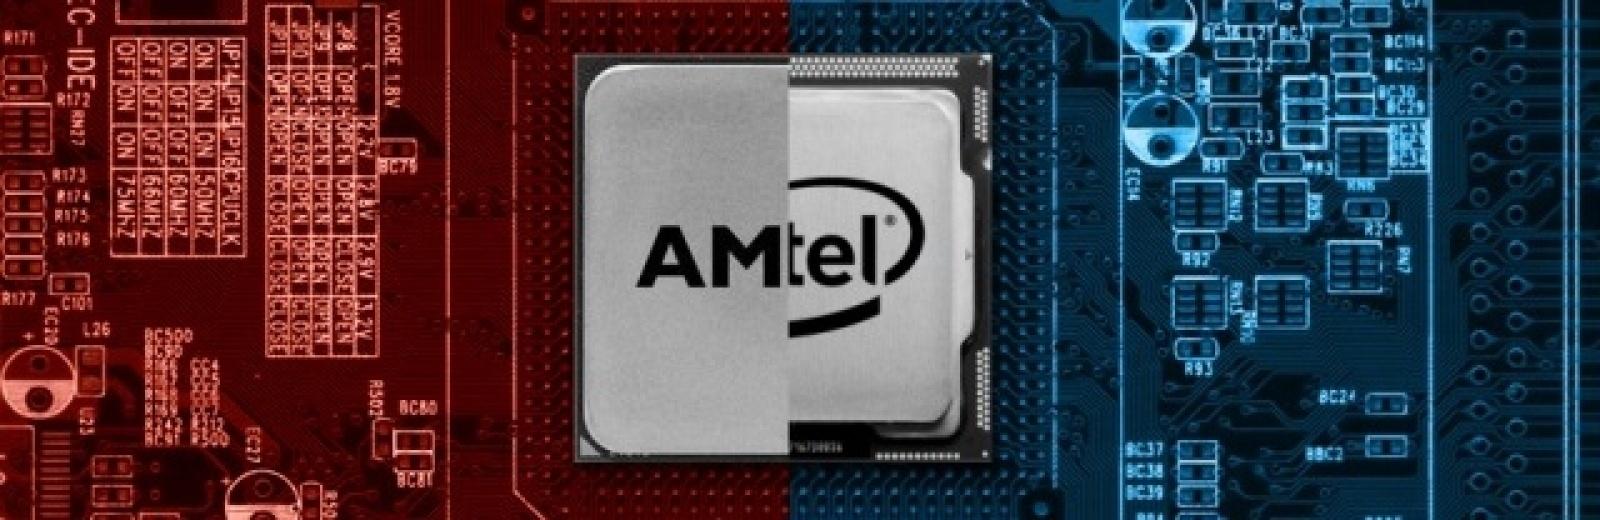 Cosa bisogna sapere per acquistare la giusta CPU desktop e non commettere errori di compatibilità?